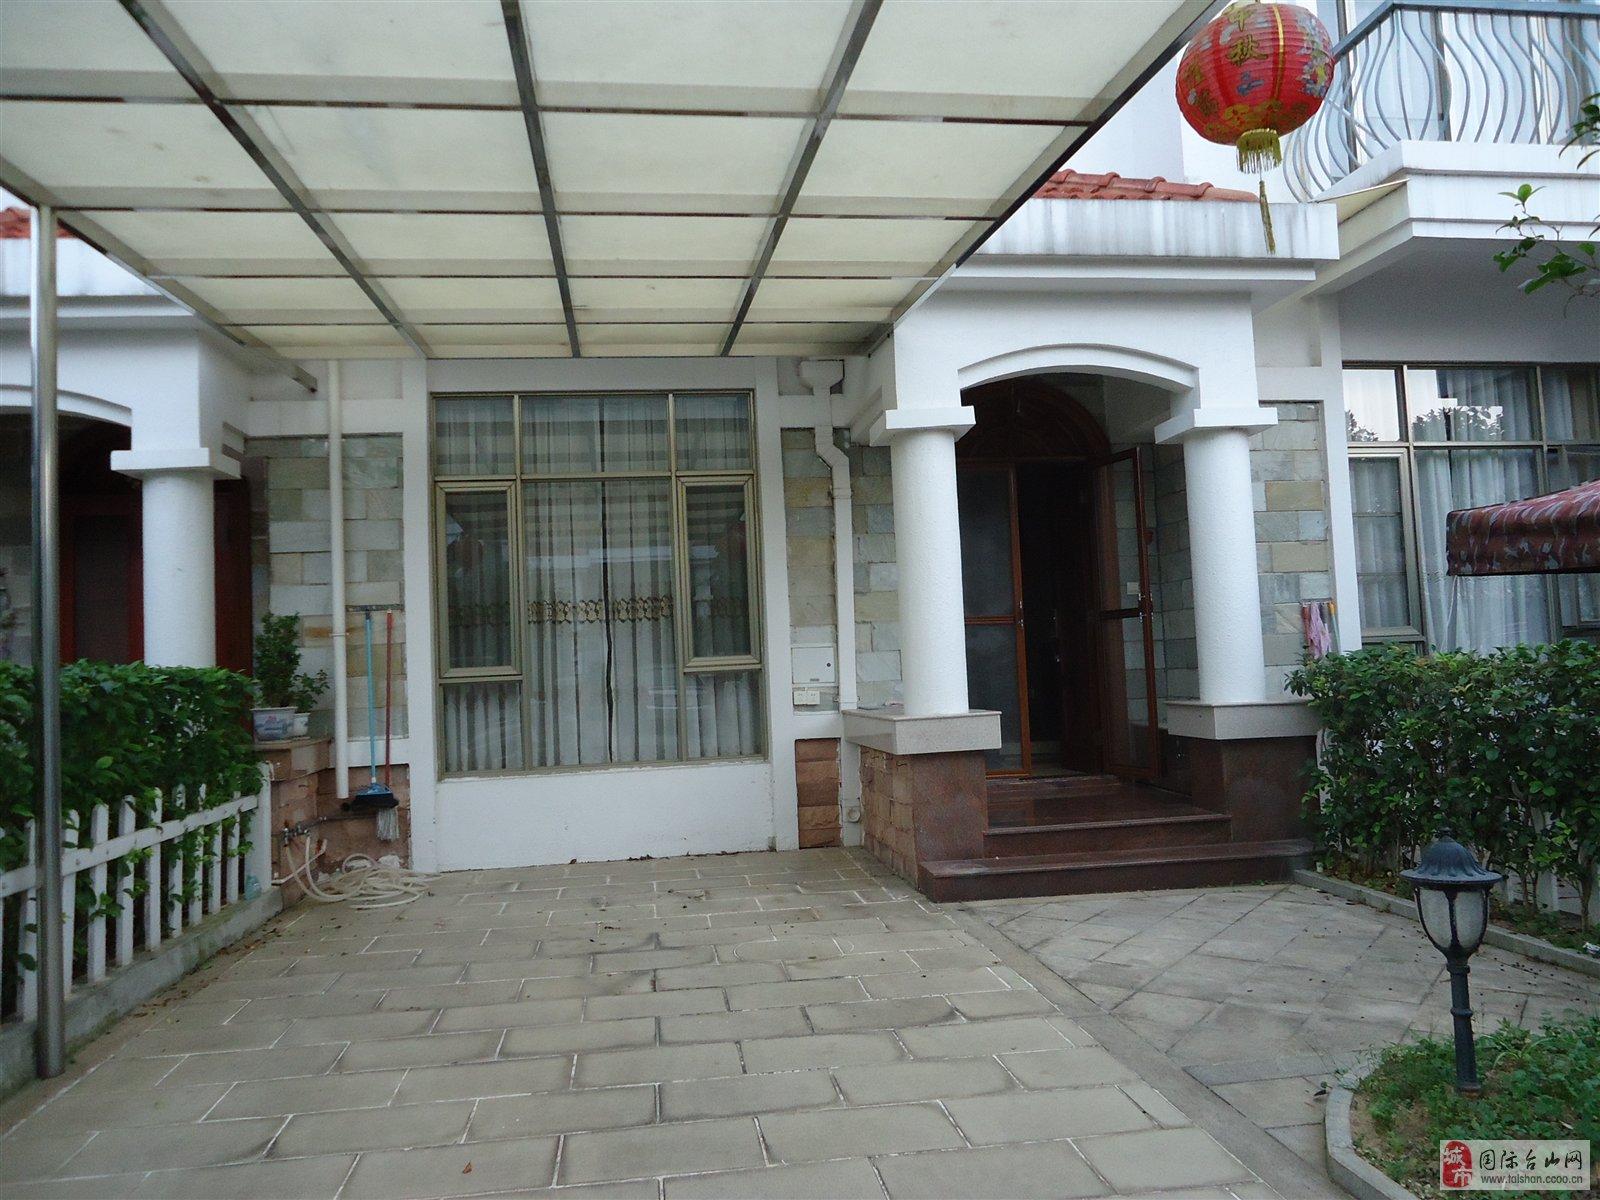 碧桂园别墅三房二厅168平方,靓修,位置靓,近酒楼,会所,五星级管理,给